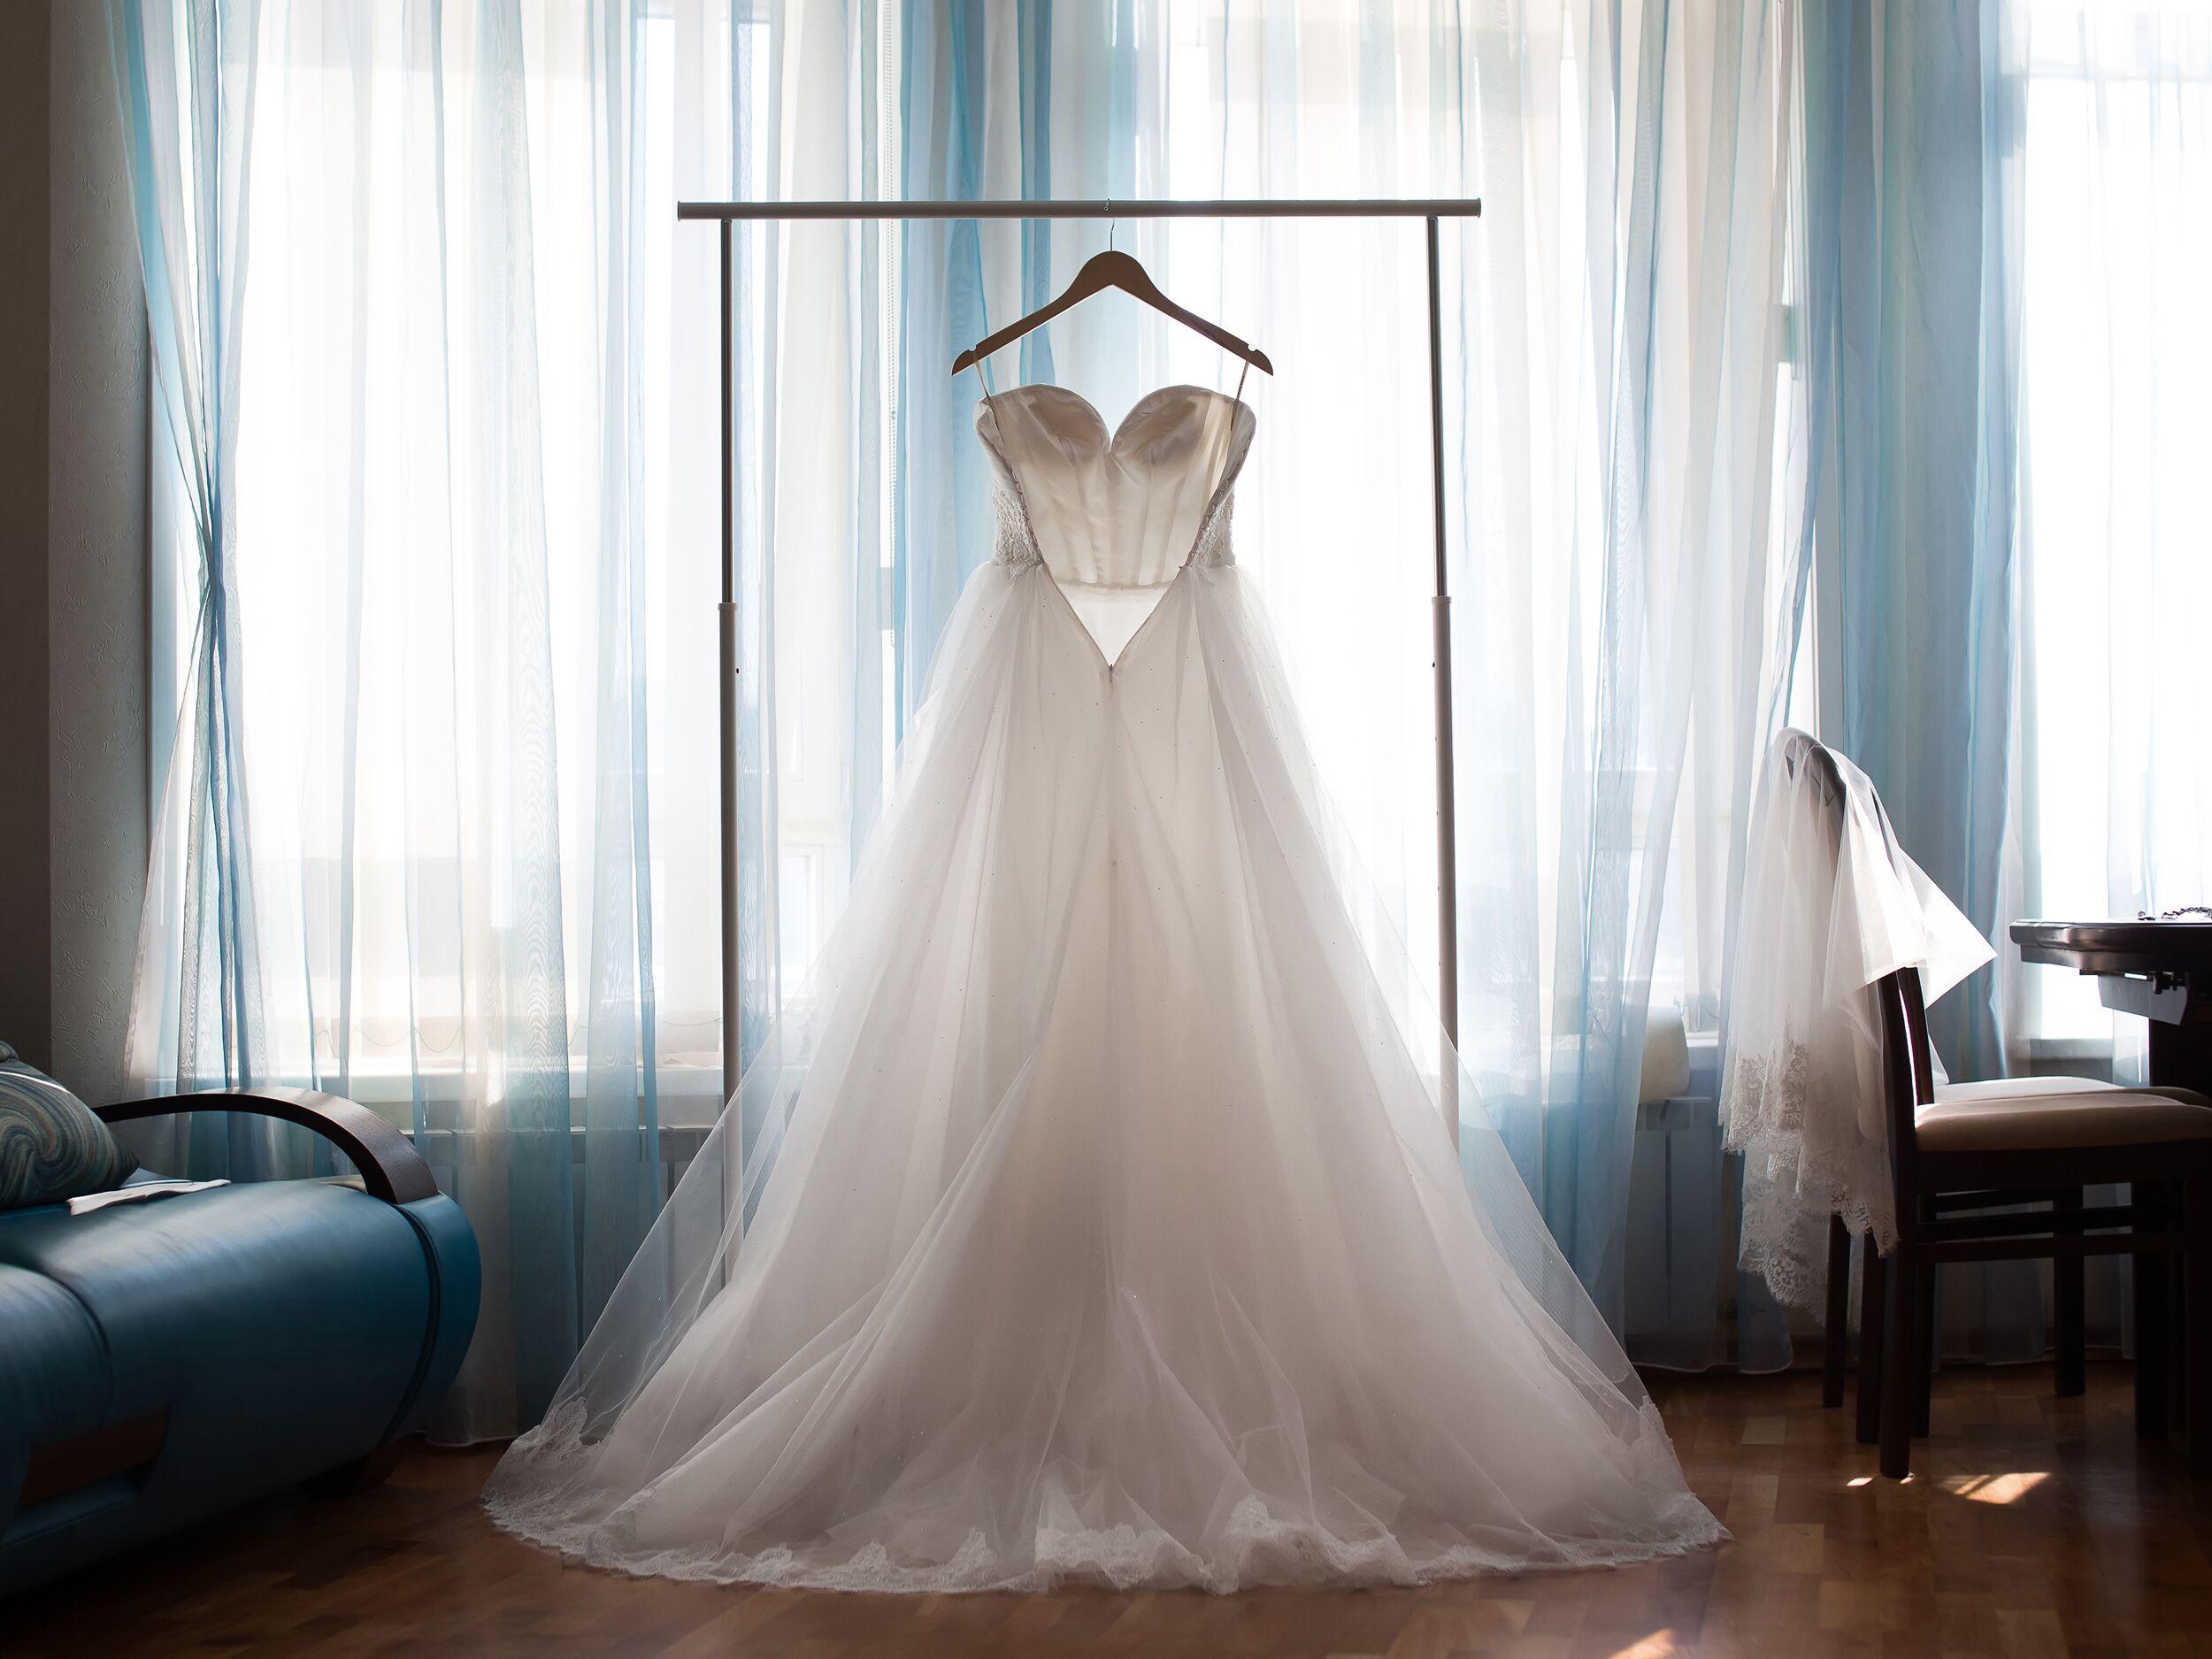 Can I Return My Wedding Dress